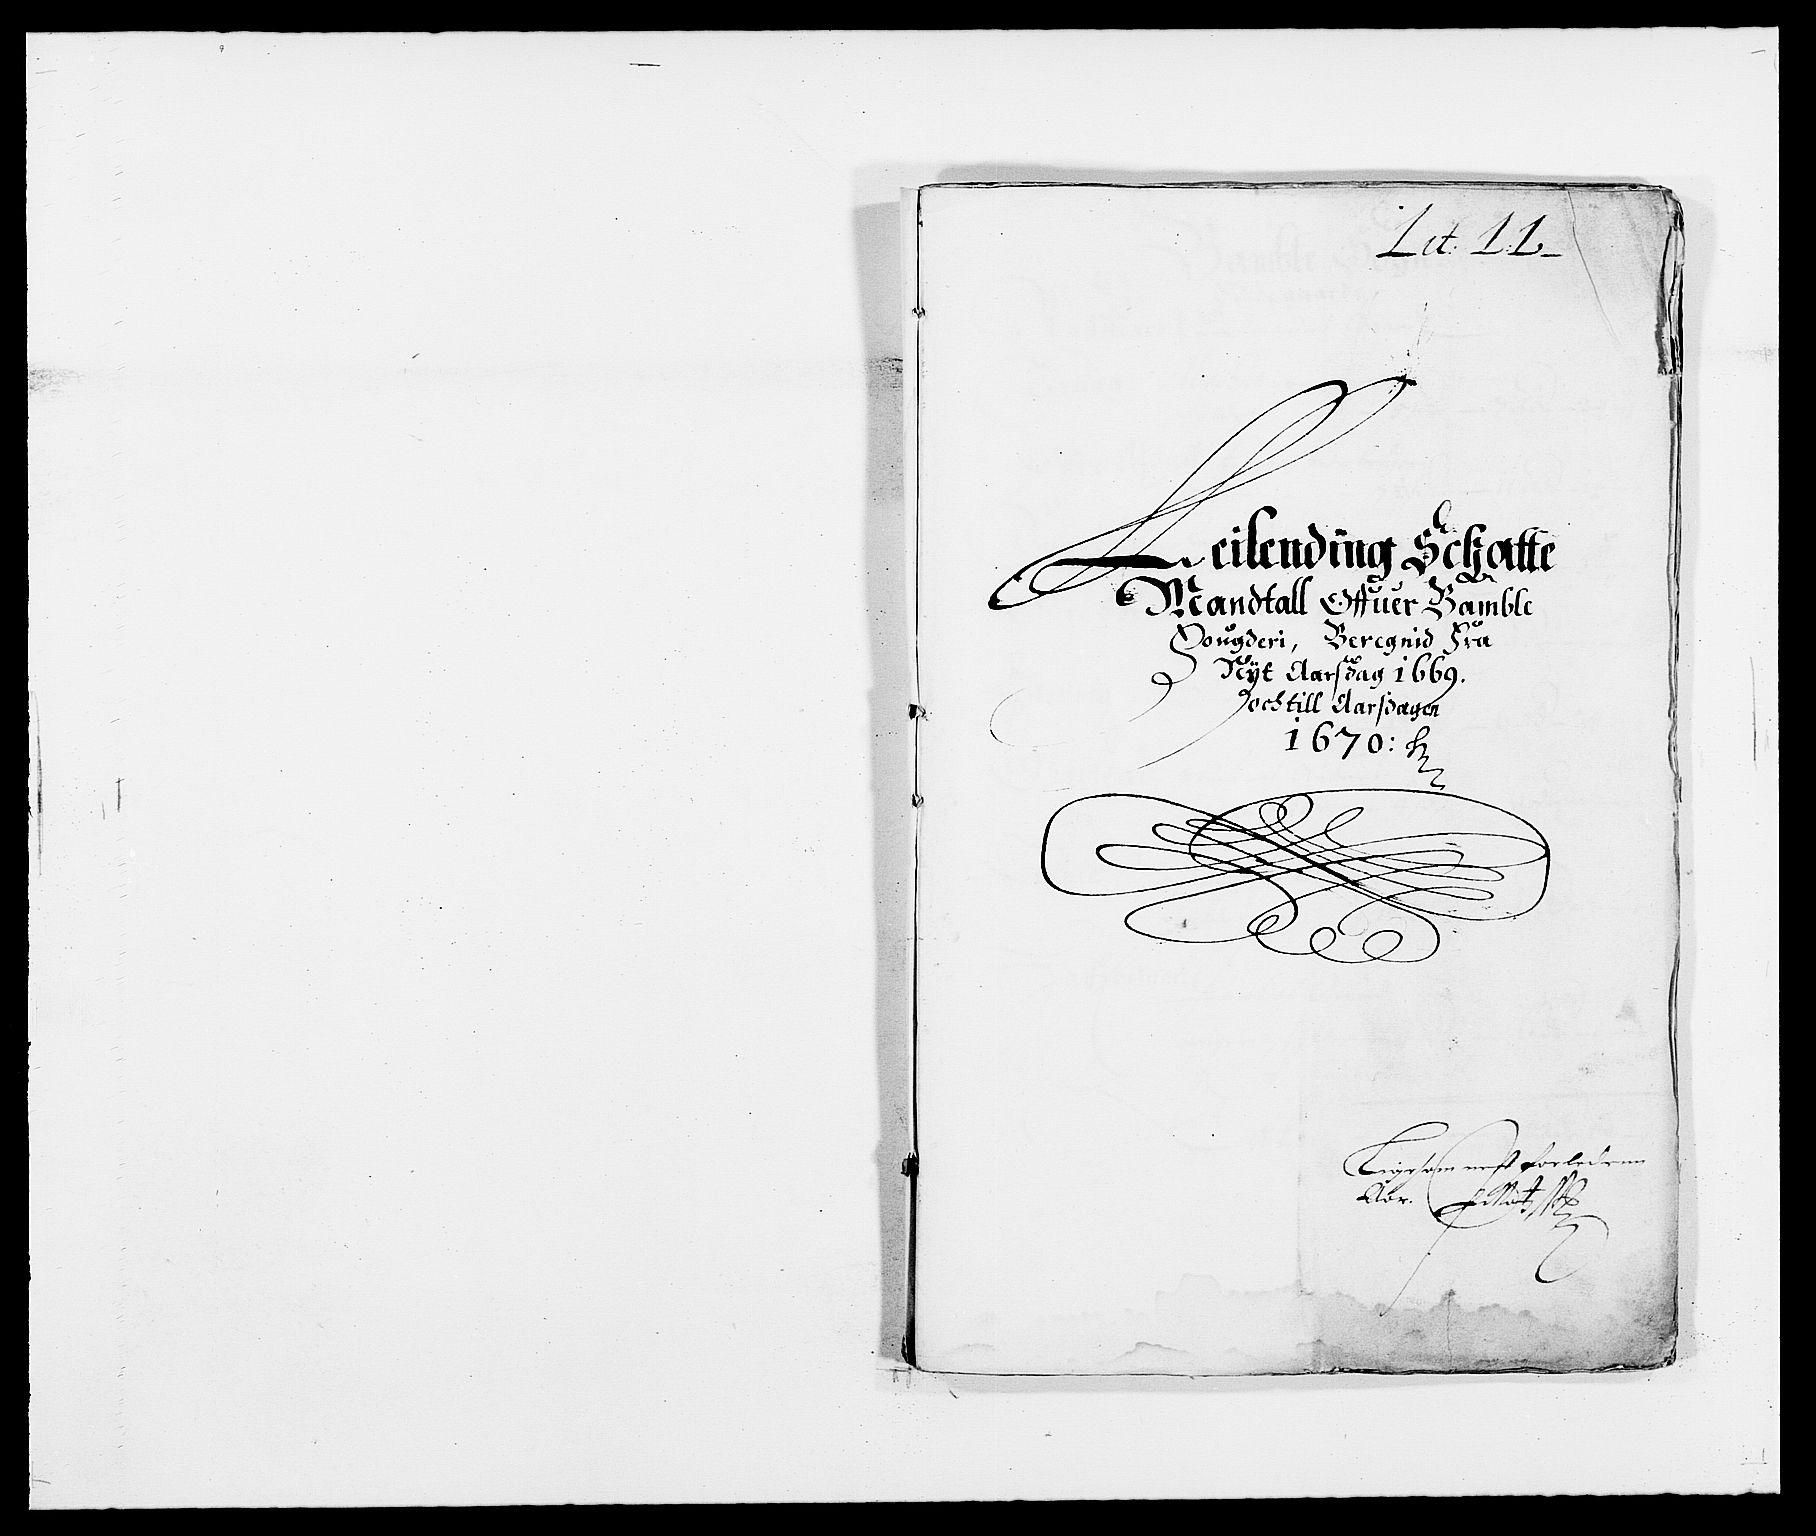 RA, Rentekammeret inntil 1814, Reviderte regnskaper, Fogderegnskap, R34/L2040: Fogderegnskap Bamble, 1662-1669, s. 132